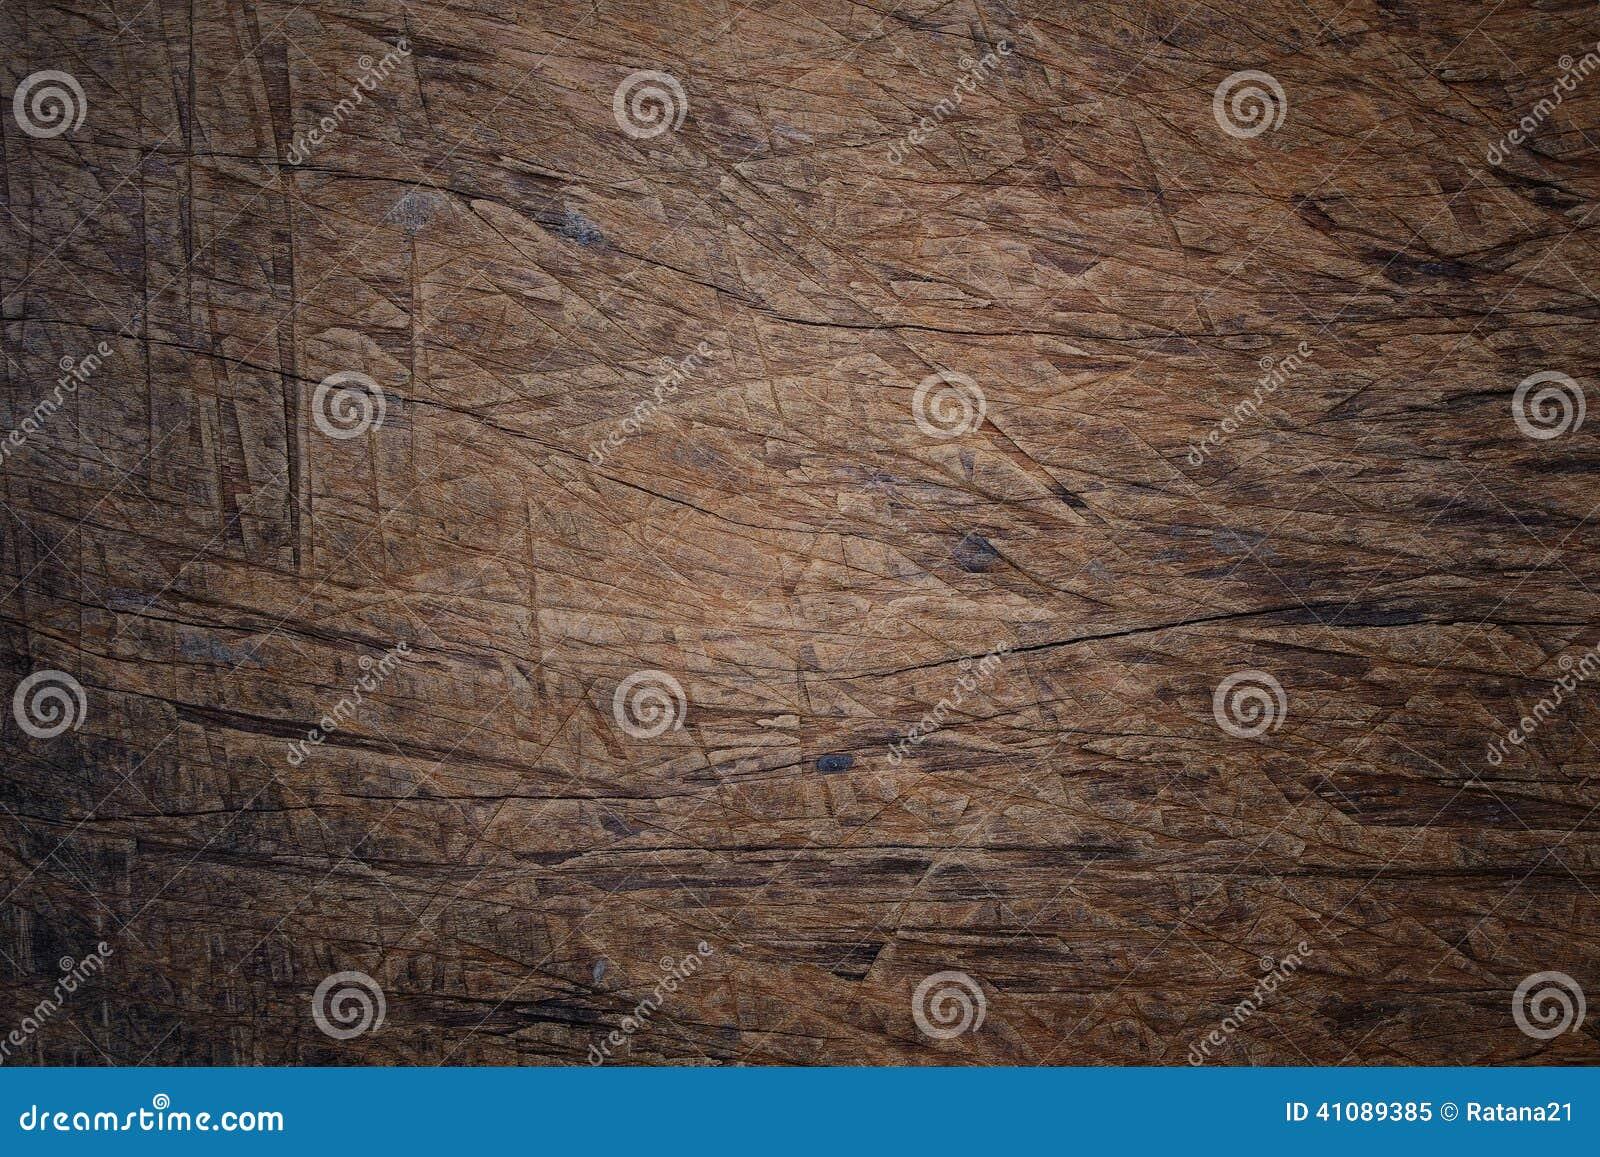 Surface de vieux bois rayé